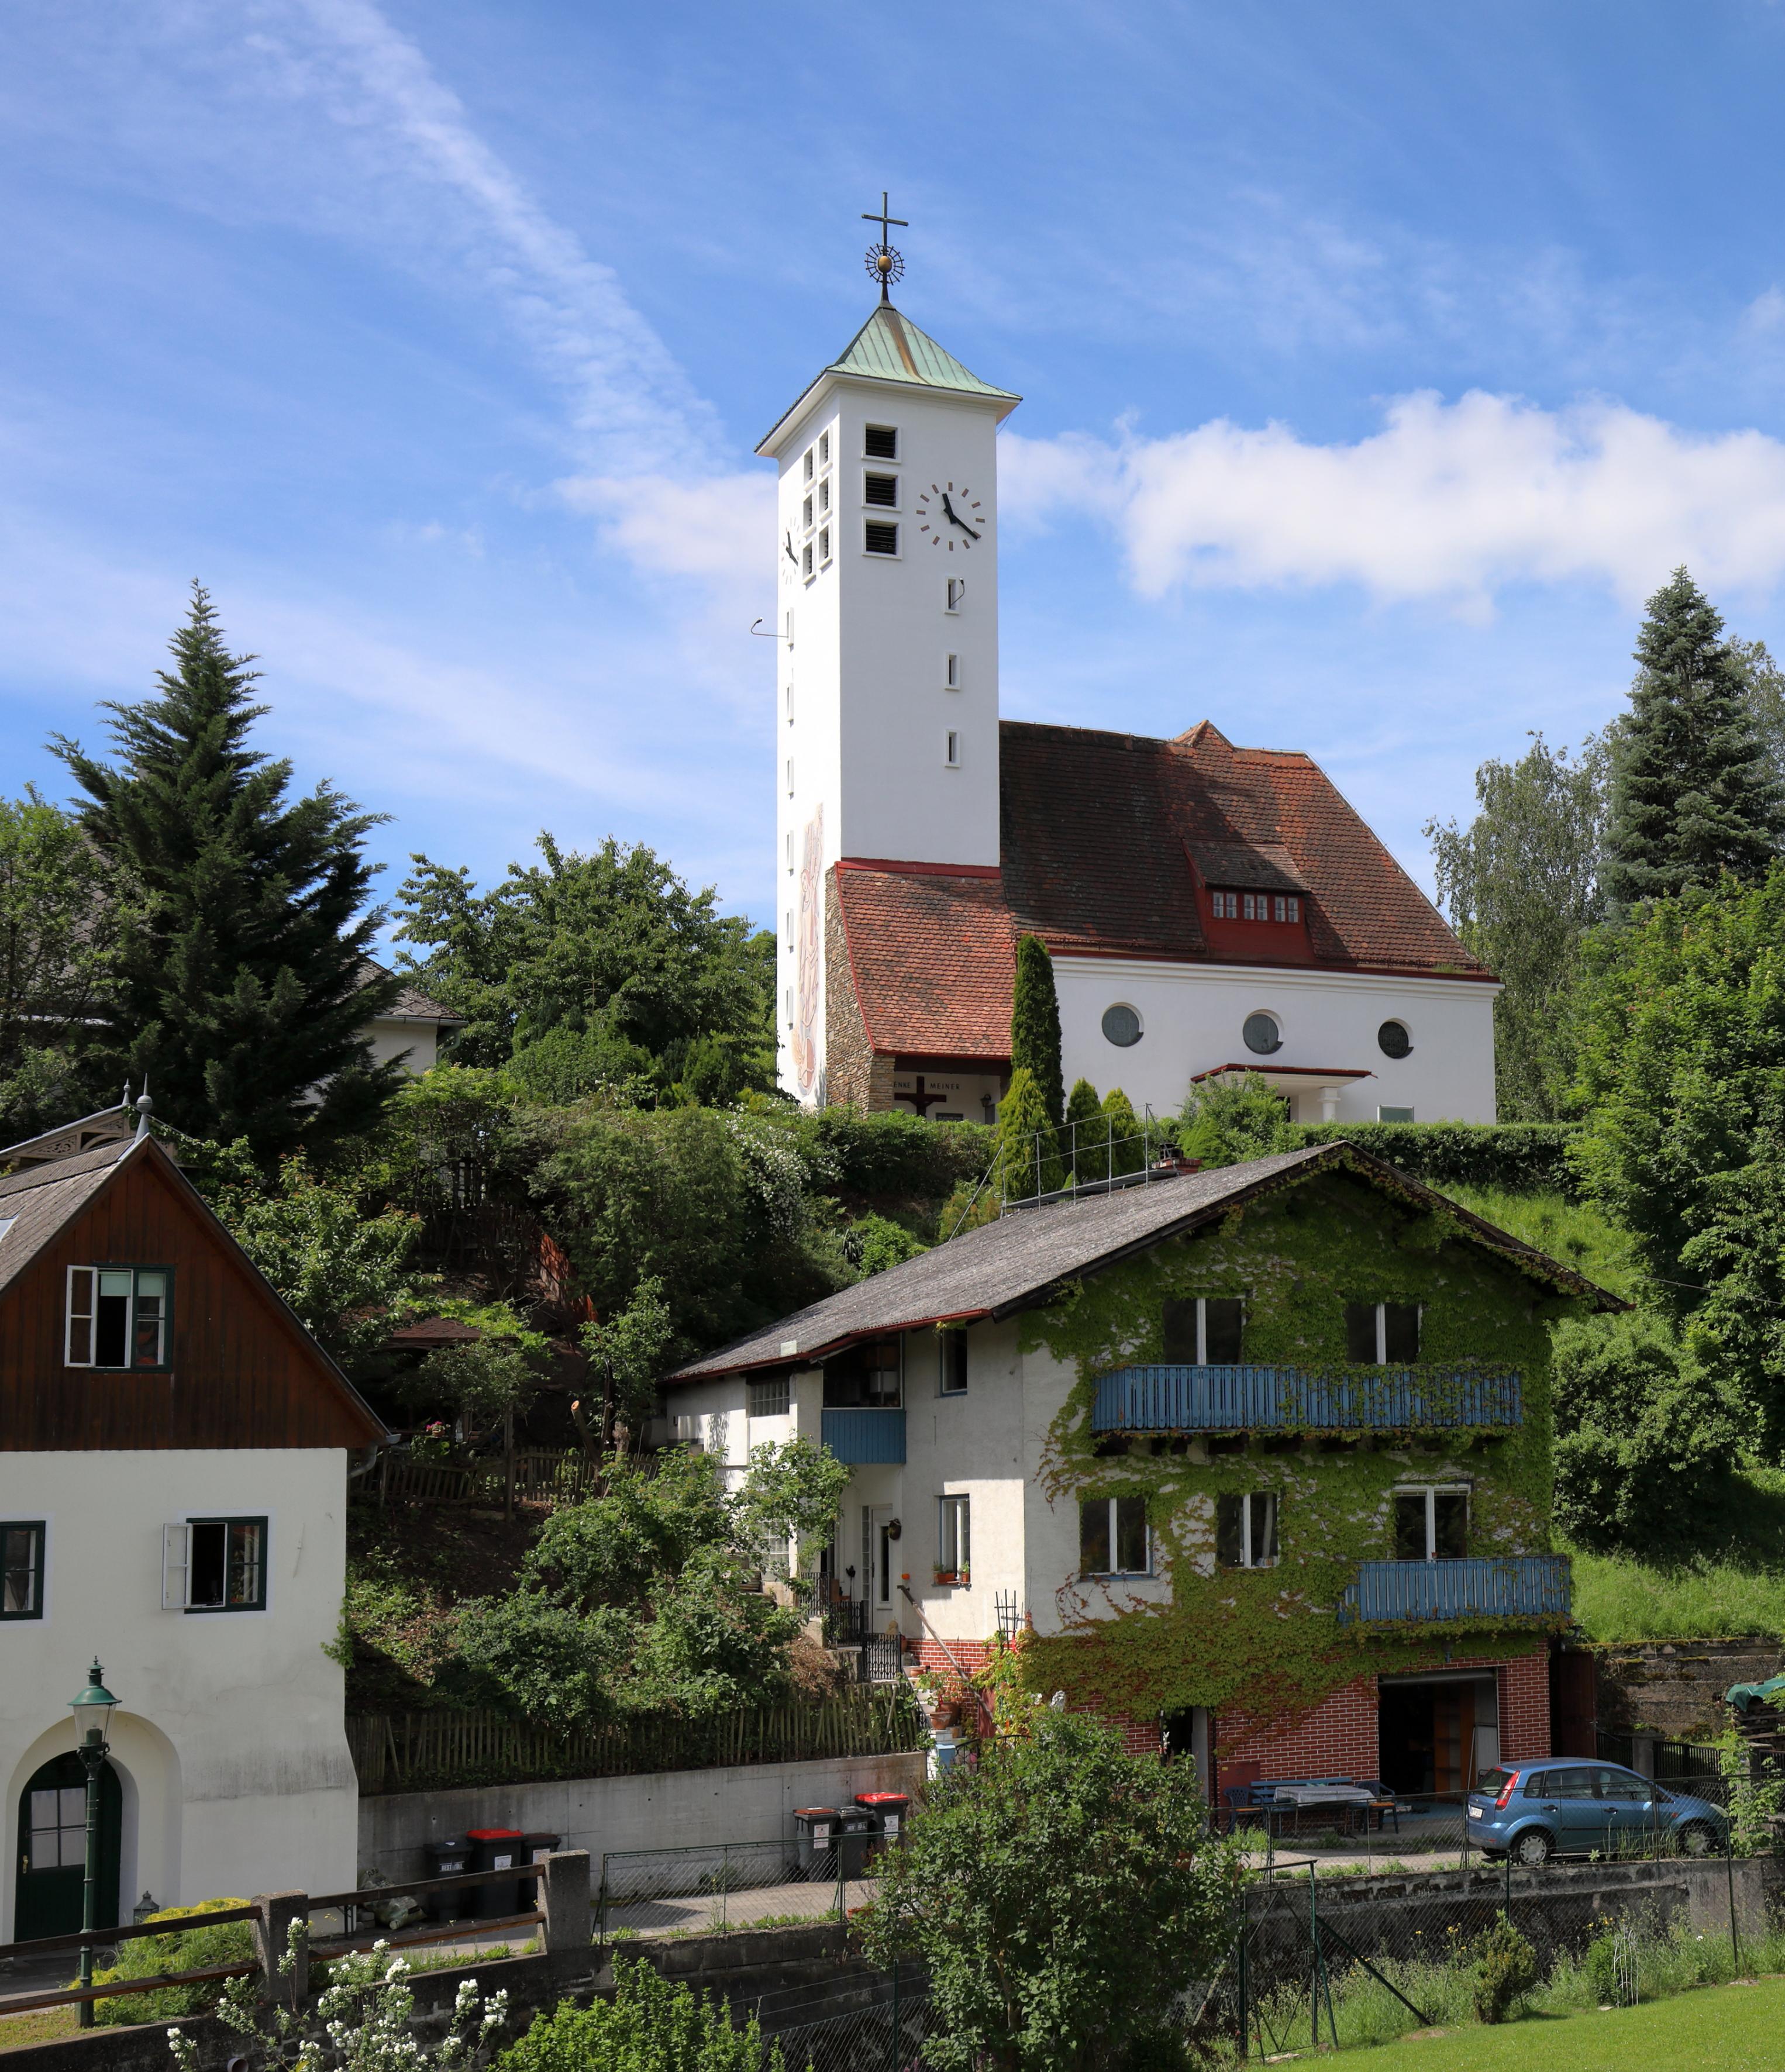 Wien entdecken + im Wienerwald entspannen - Guest - Airbnb